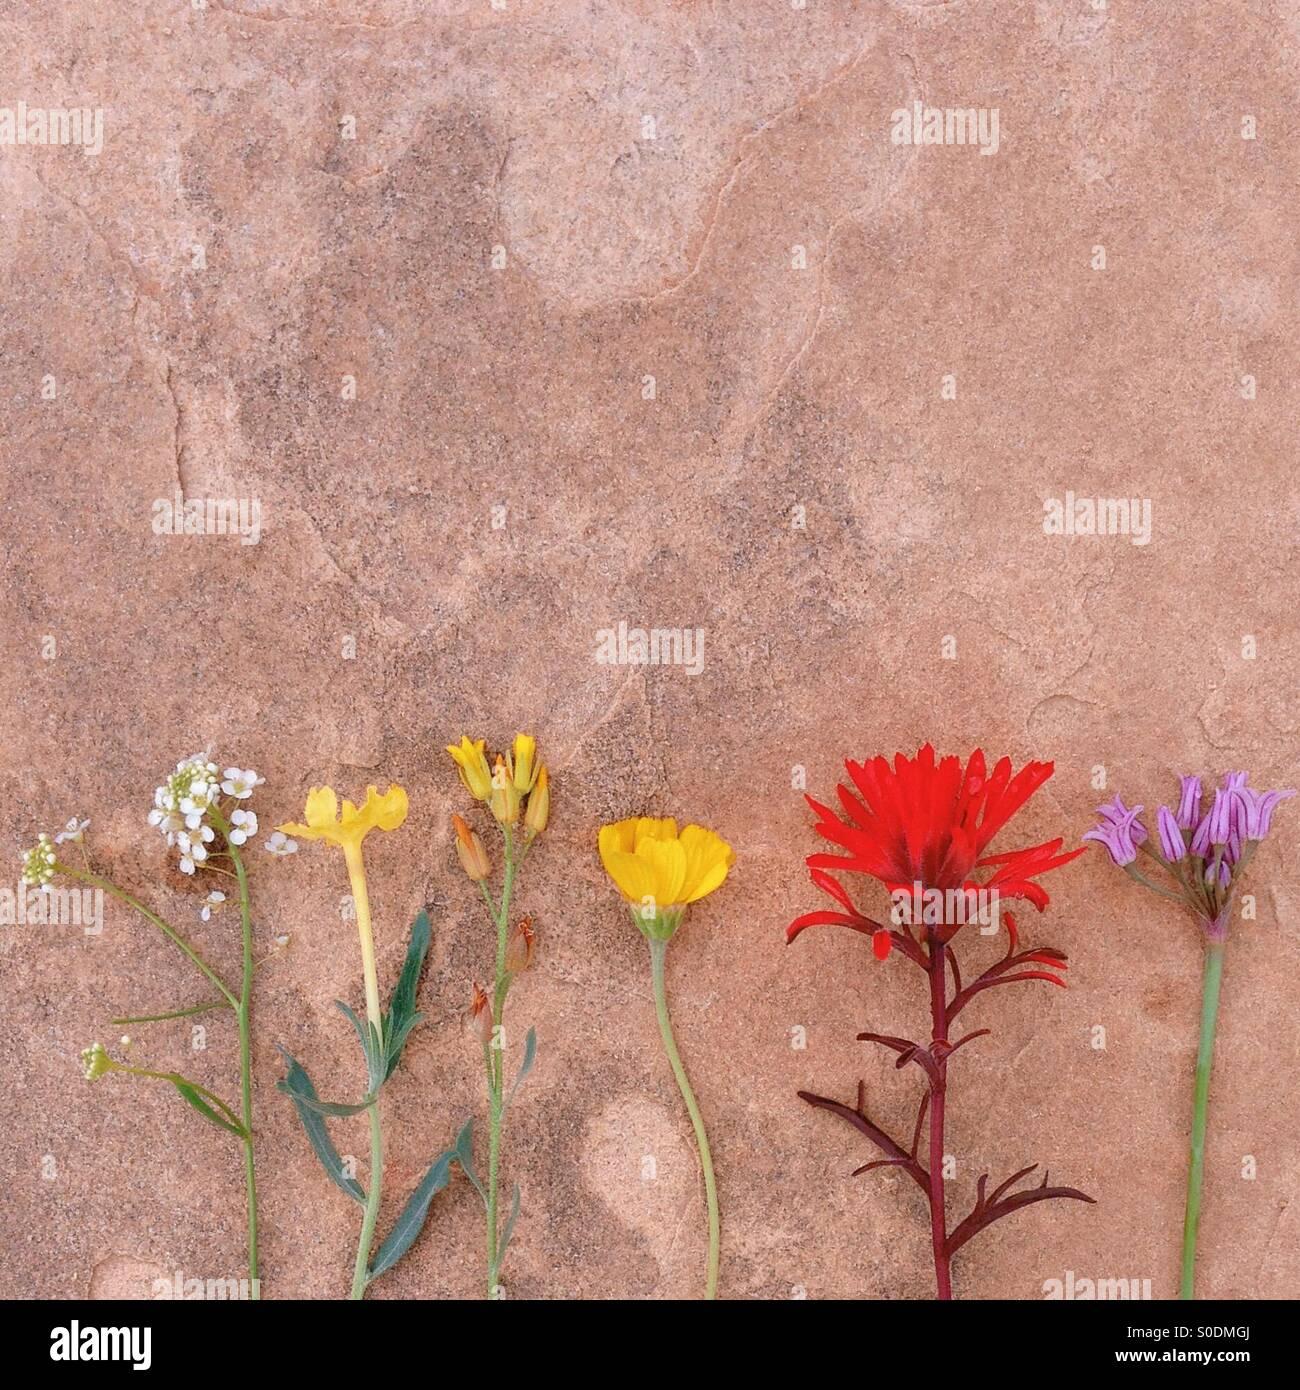 Desert Flora - Stock Image